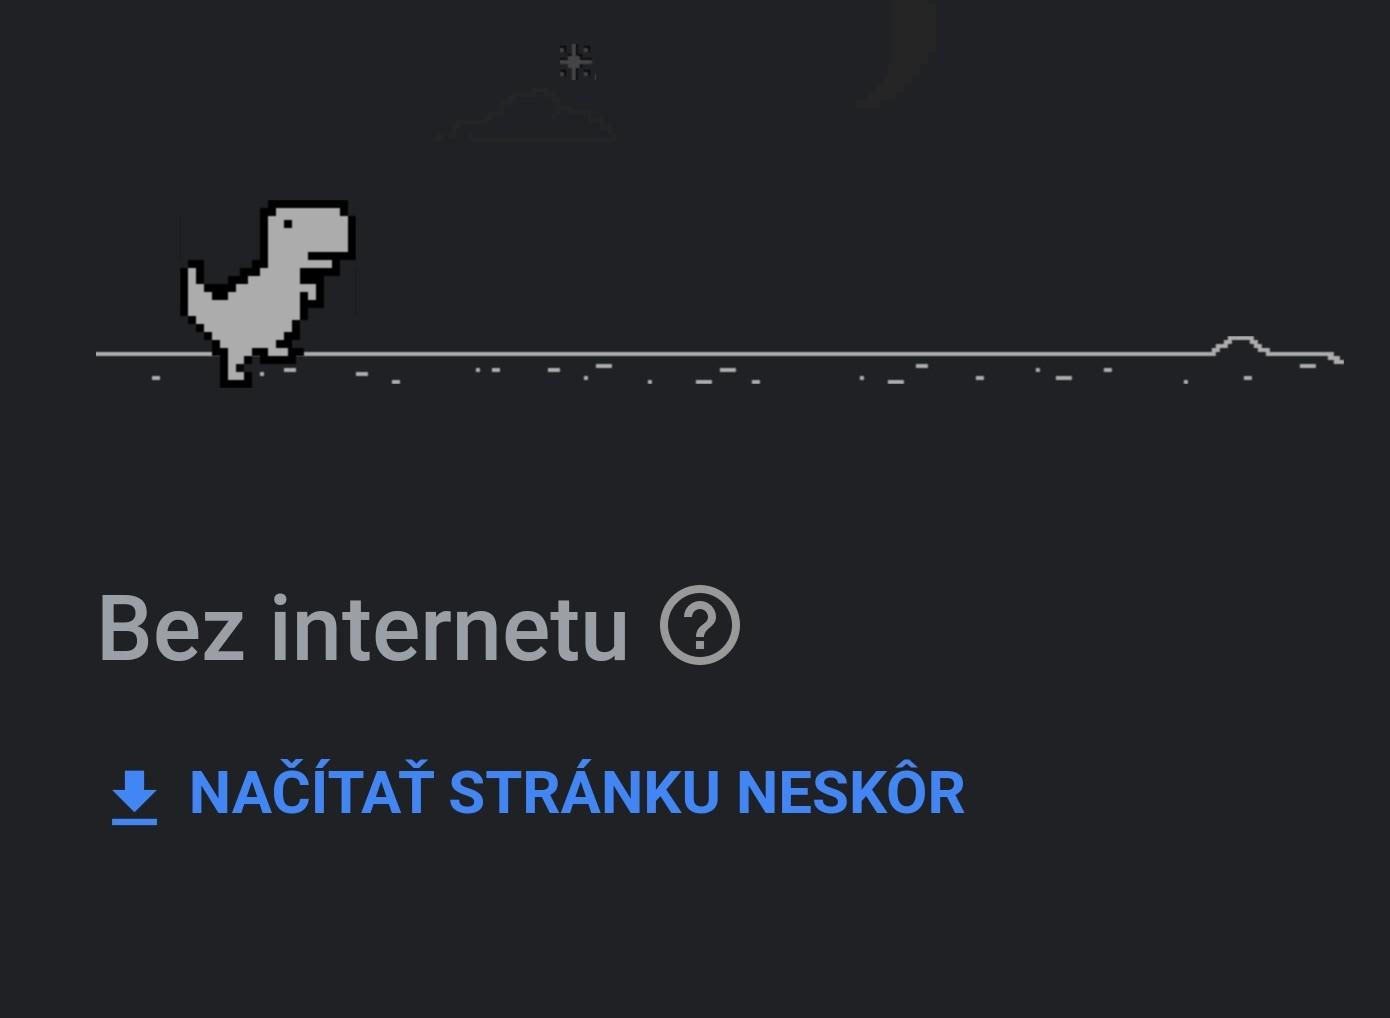 zalozny internet 1